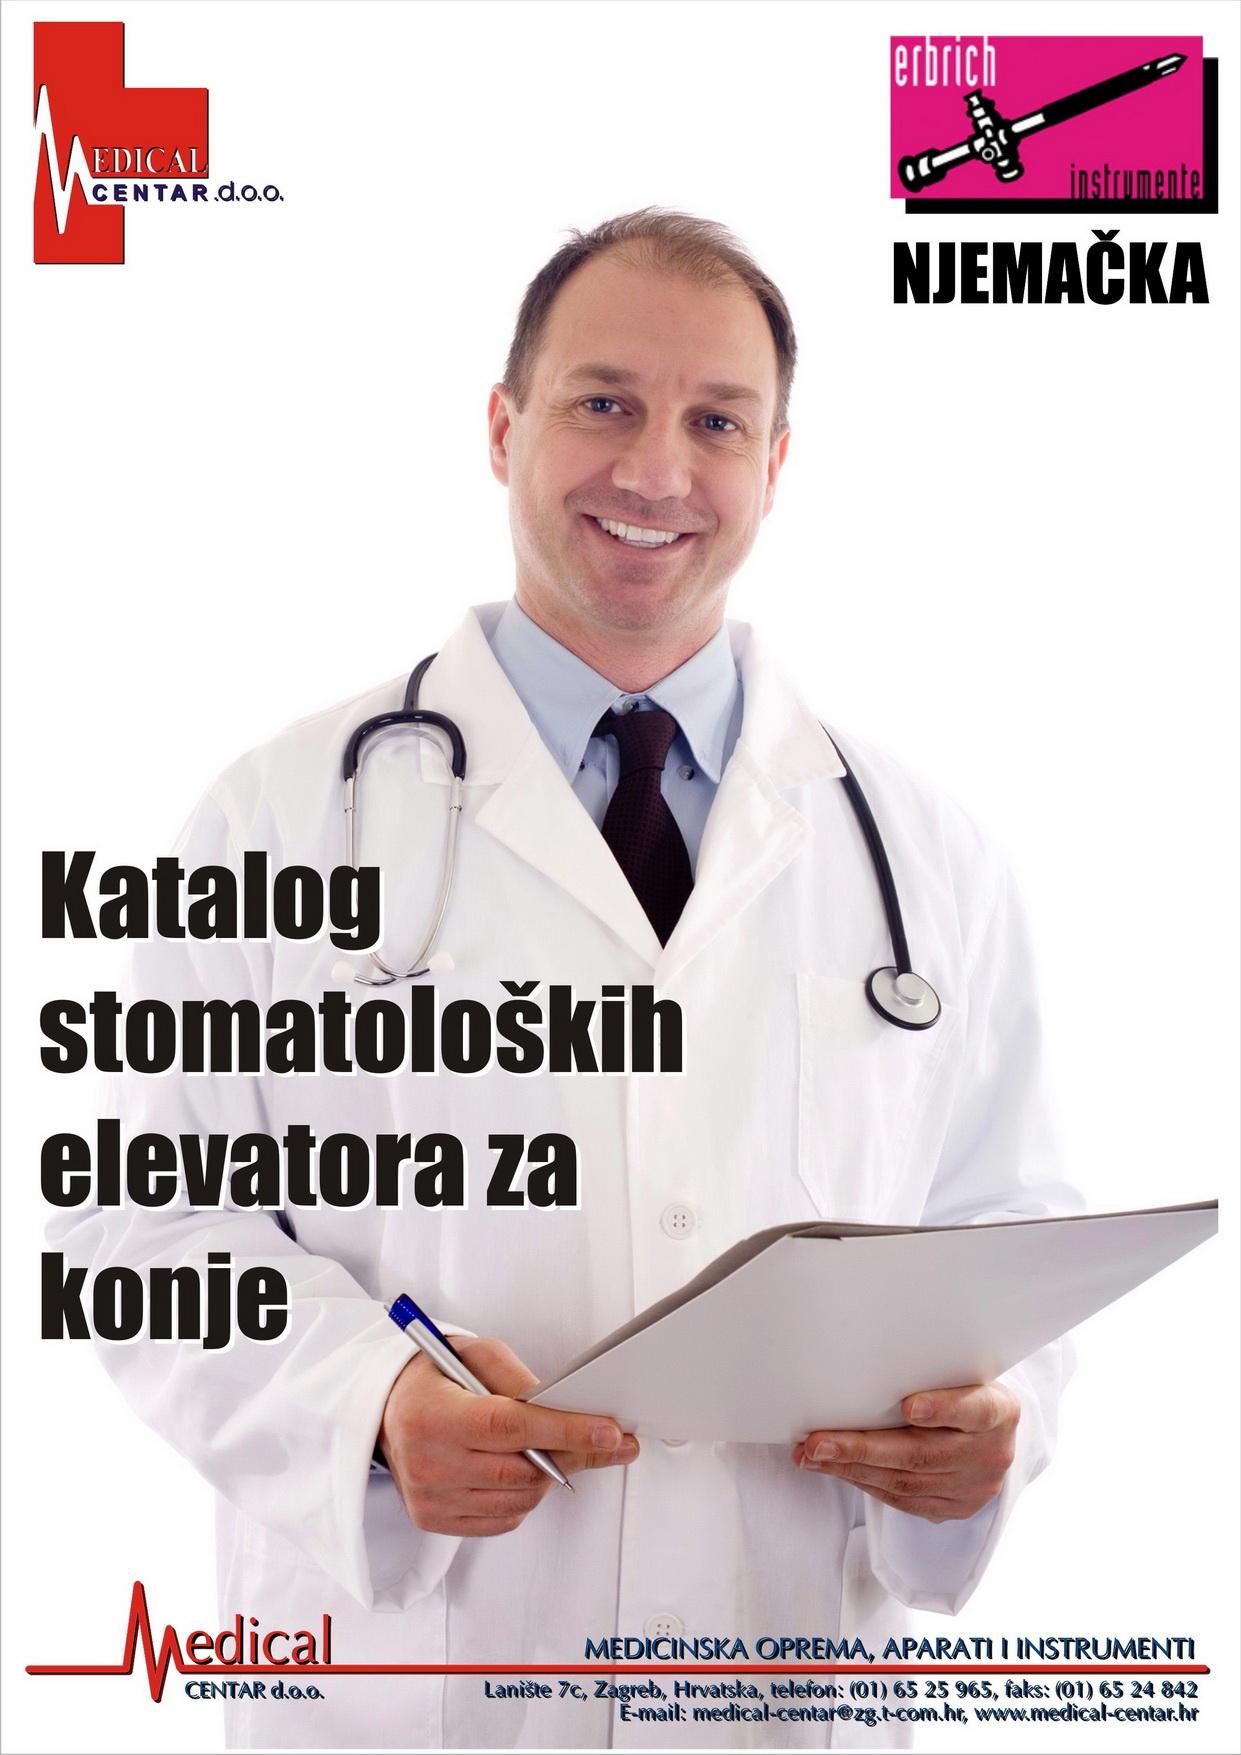 katalog stomatoloških elevatora za konje - naslovnica